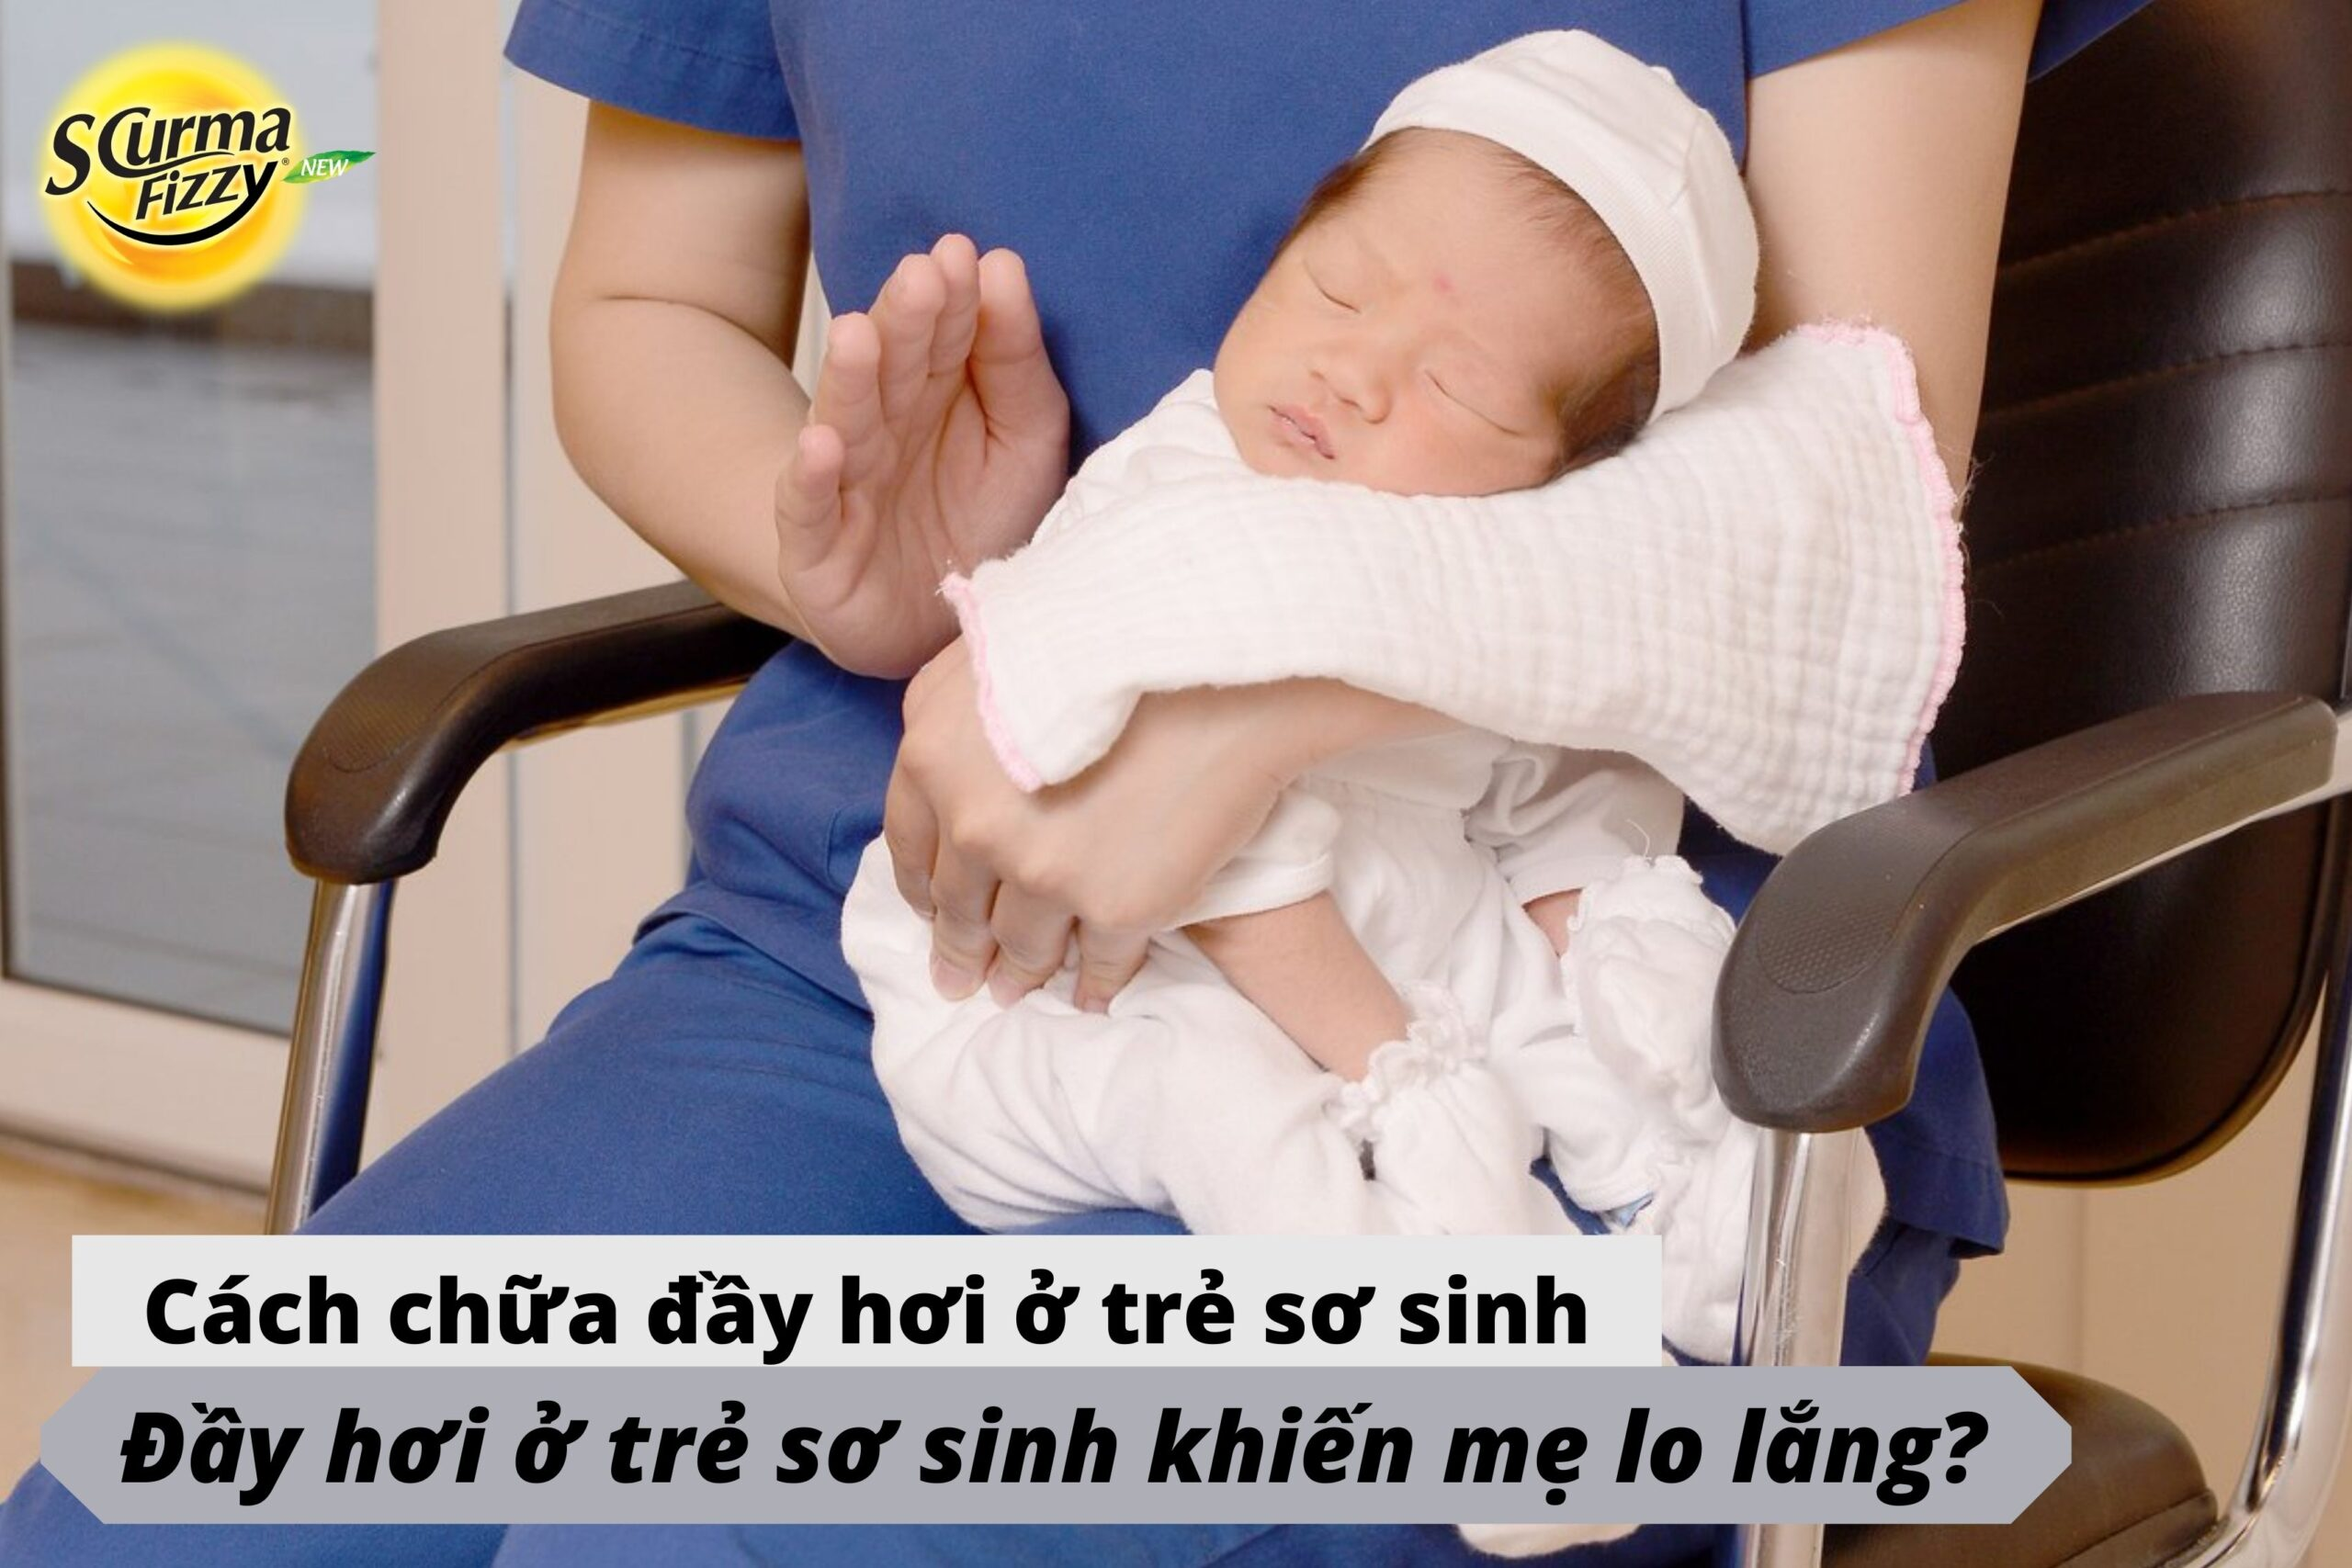 Cách chữa đầy hơi ở trẻ sơ sinh